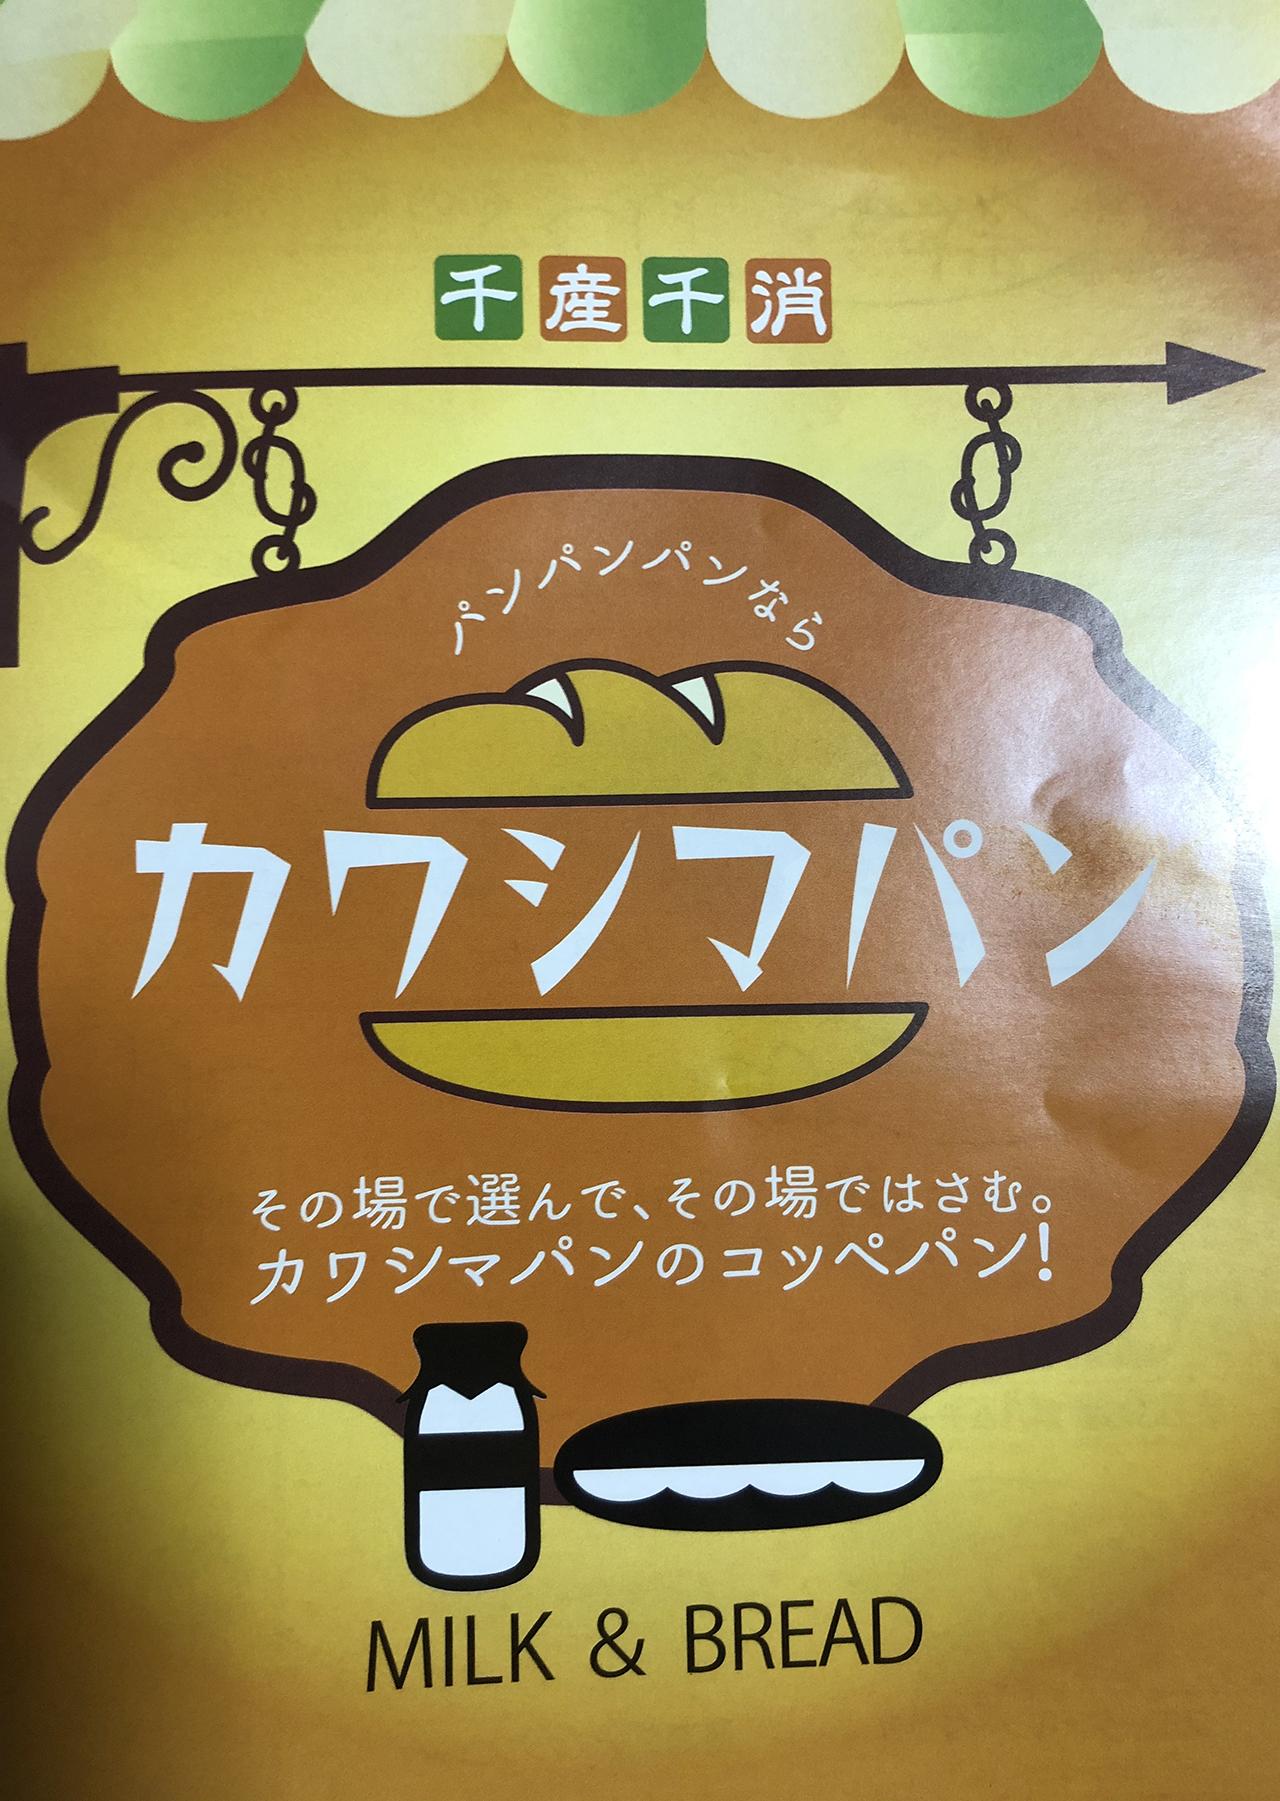 カワシマパンの画像